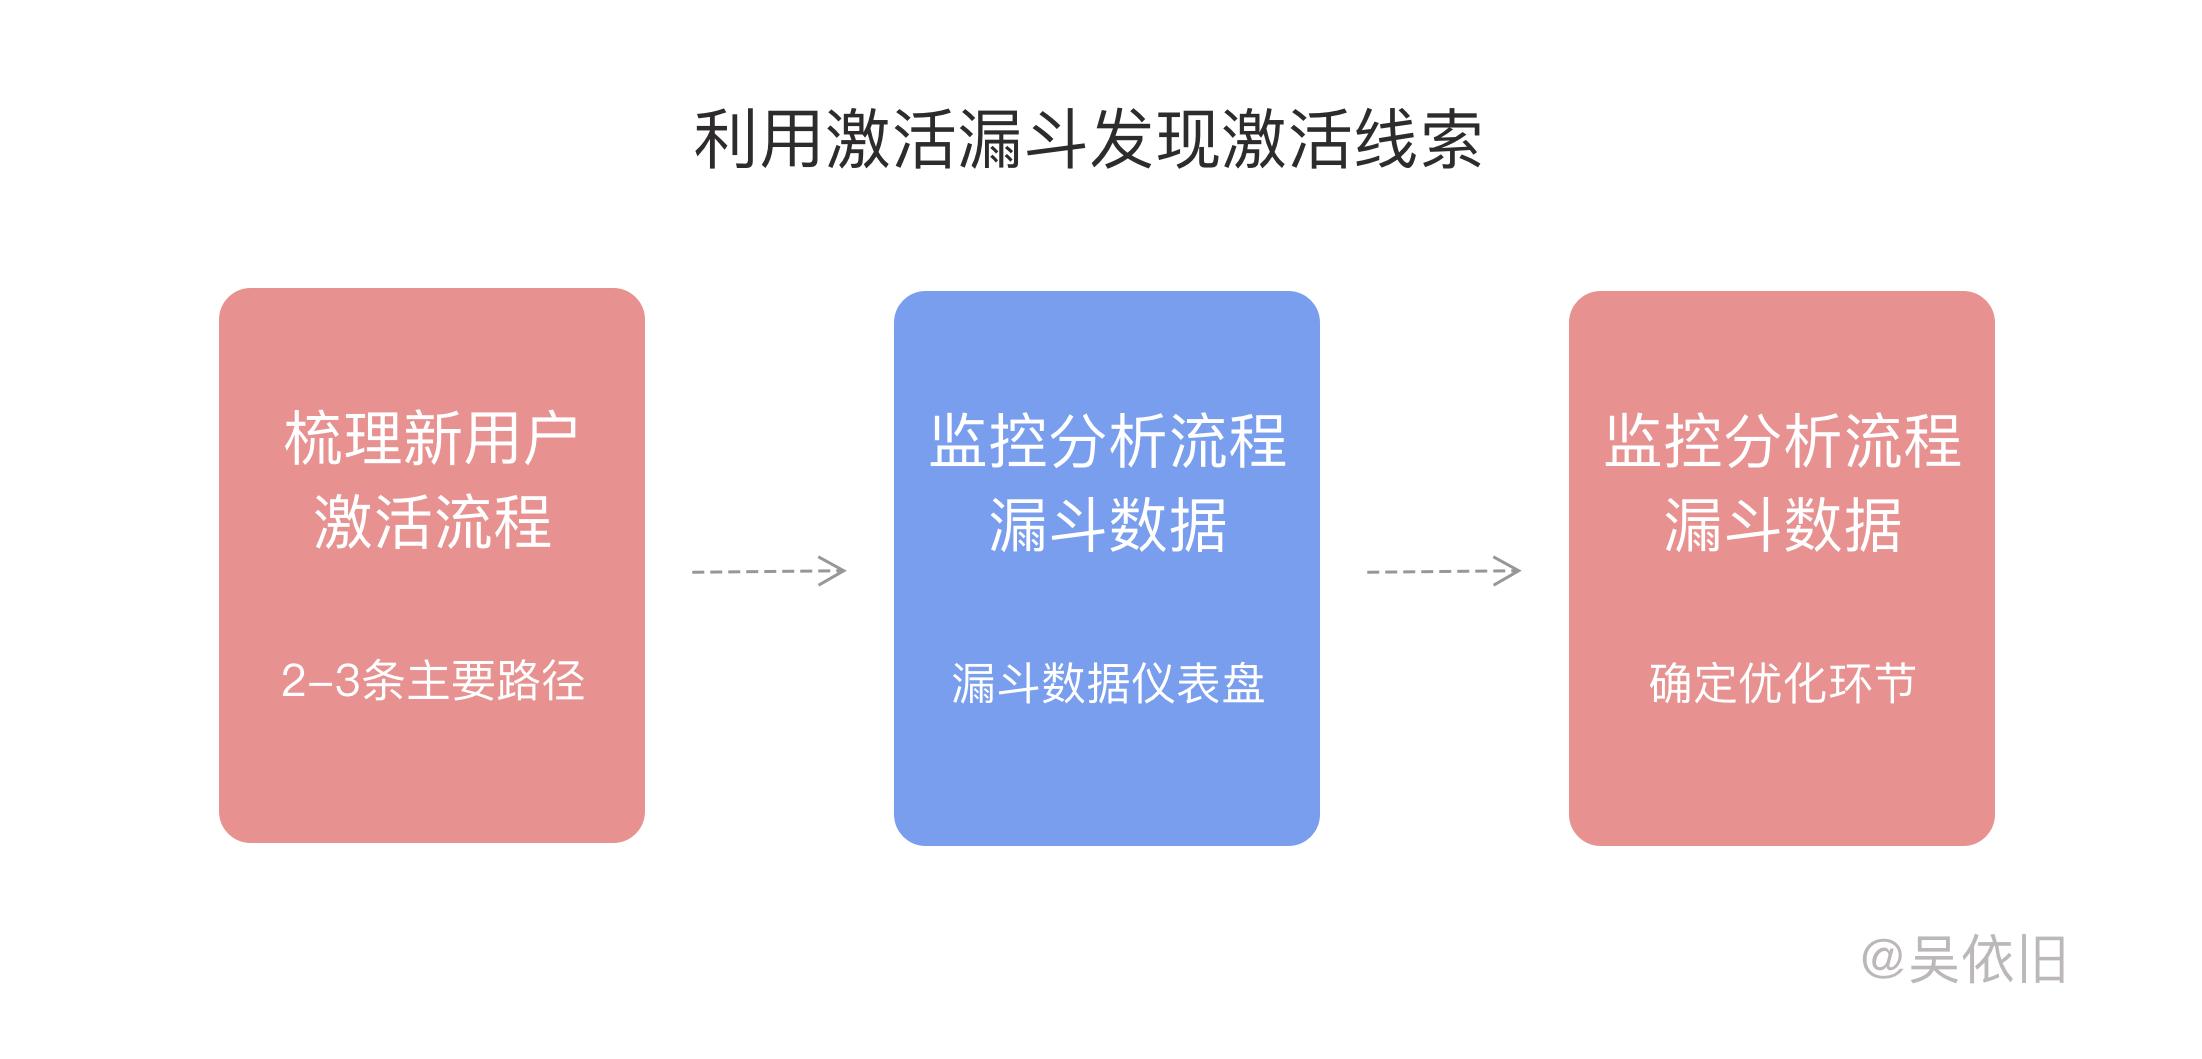 如何留住和转化用户?产品经理分享了关于用户激活的思考以及方法